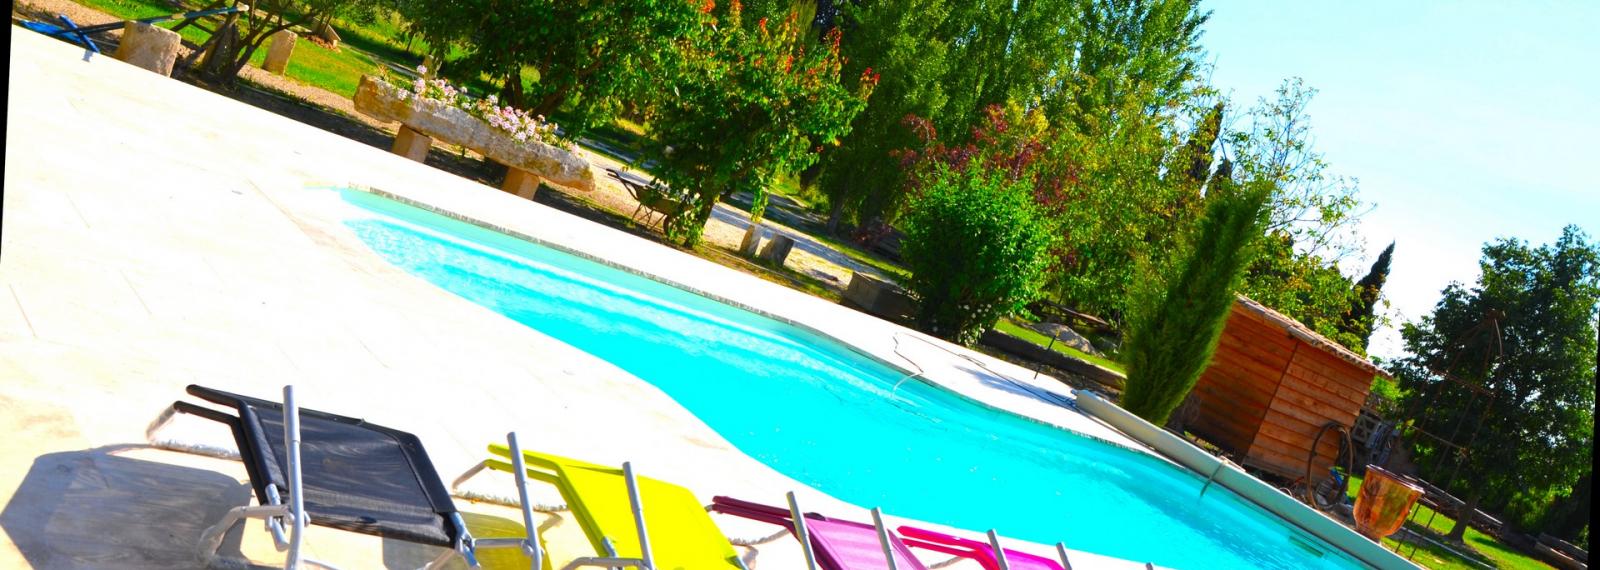 Chambres d'hôtes Bastide Monplaisir à Saint-Rémy-de-Provence